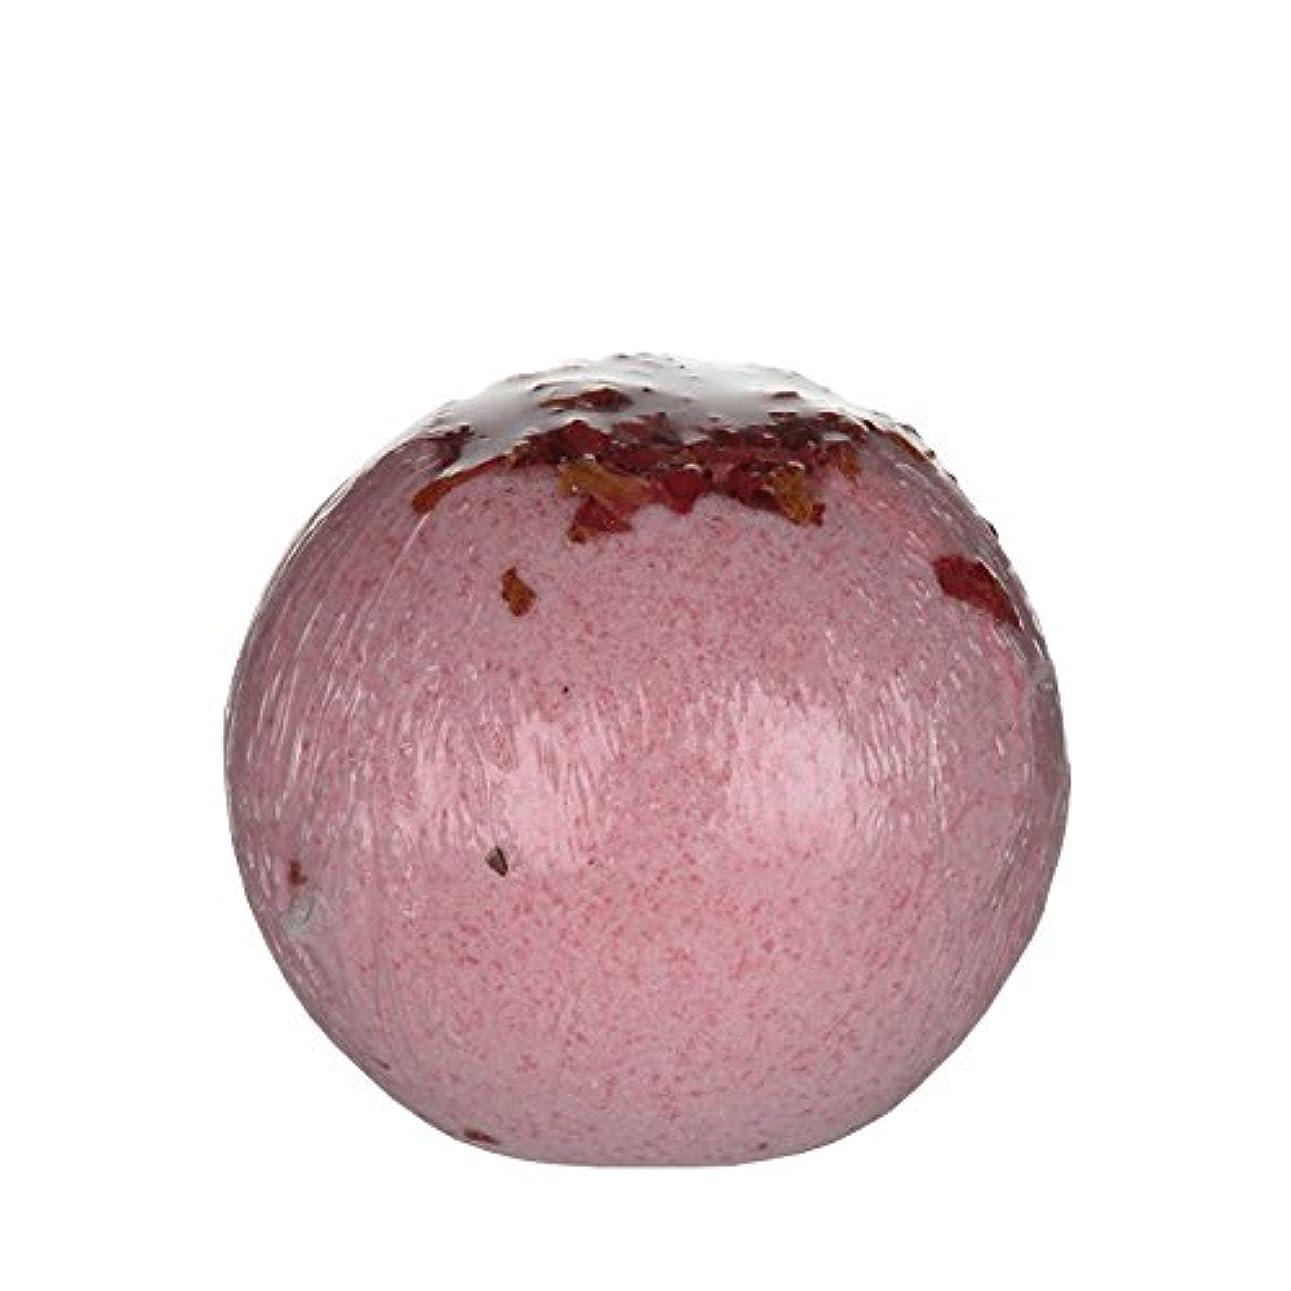 摂動中傷因子Treetsバスボールラベンダーの愛の170グラム - Treets Bath Ball Lavender Love 170g (Treets) [並行輸入品]